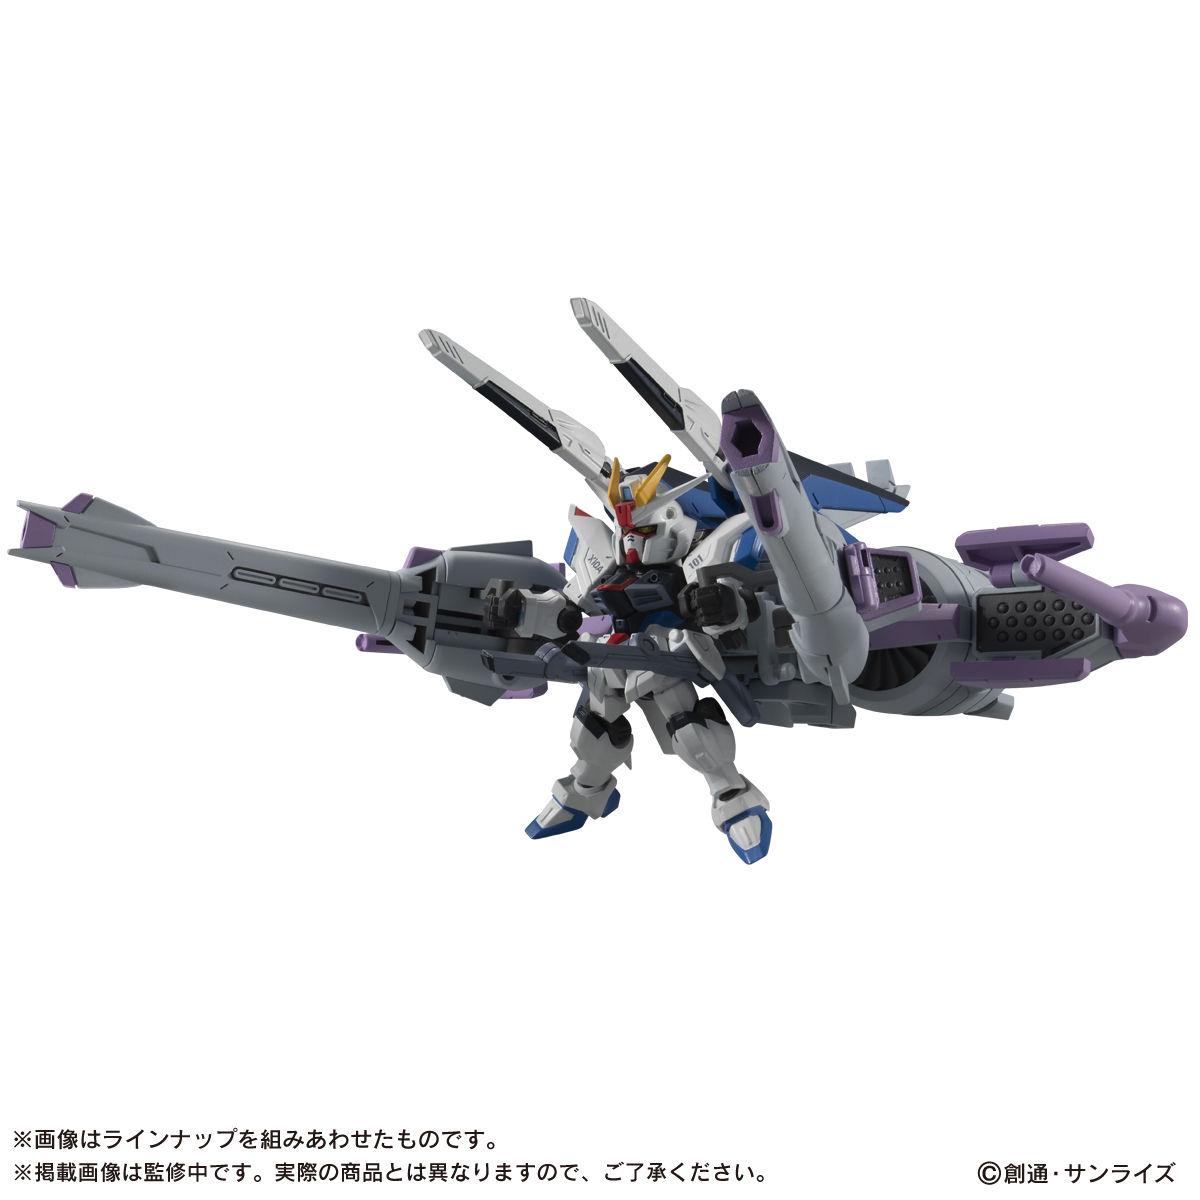 【限定販売】MOBILE SUIT ENSEMBLE『EX14A フリーダムガンダム』機動戦士ガンダムSEED 可動フィギュア-015